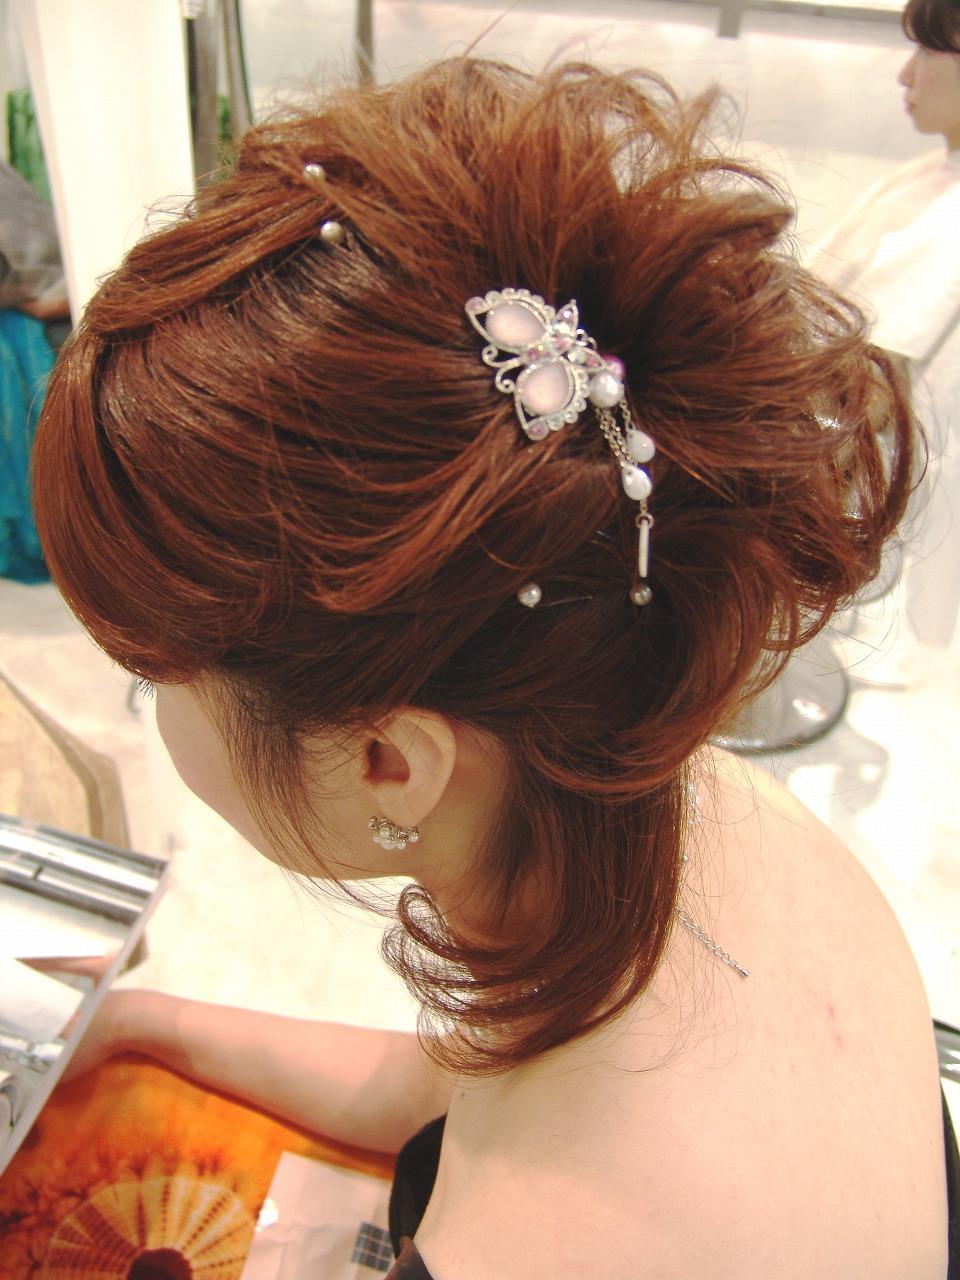 レディース ミディアム ハーフアップ まとめ髪 パーマ カラー パーティーヘア